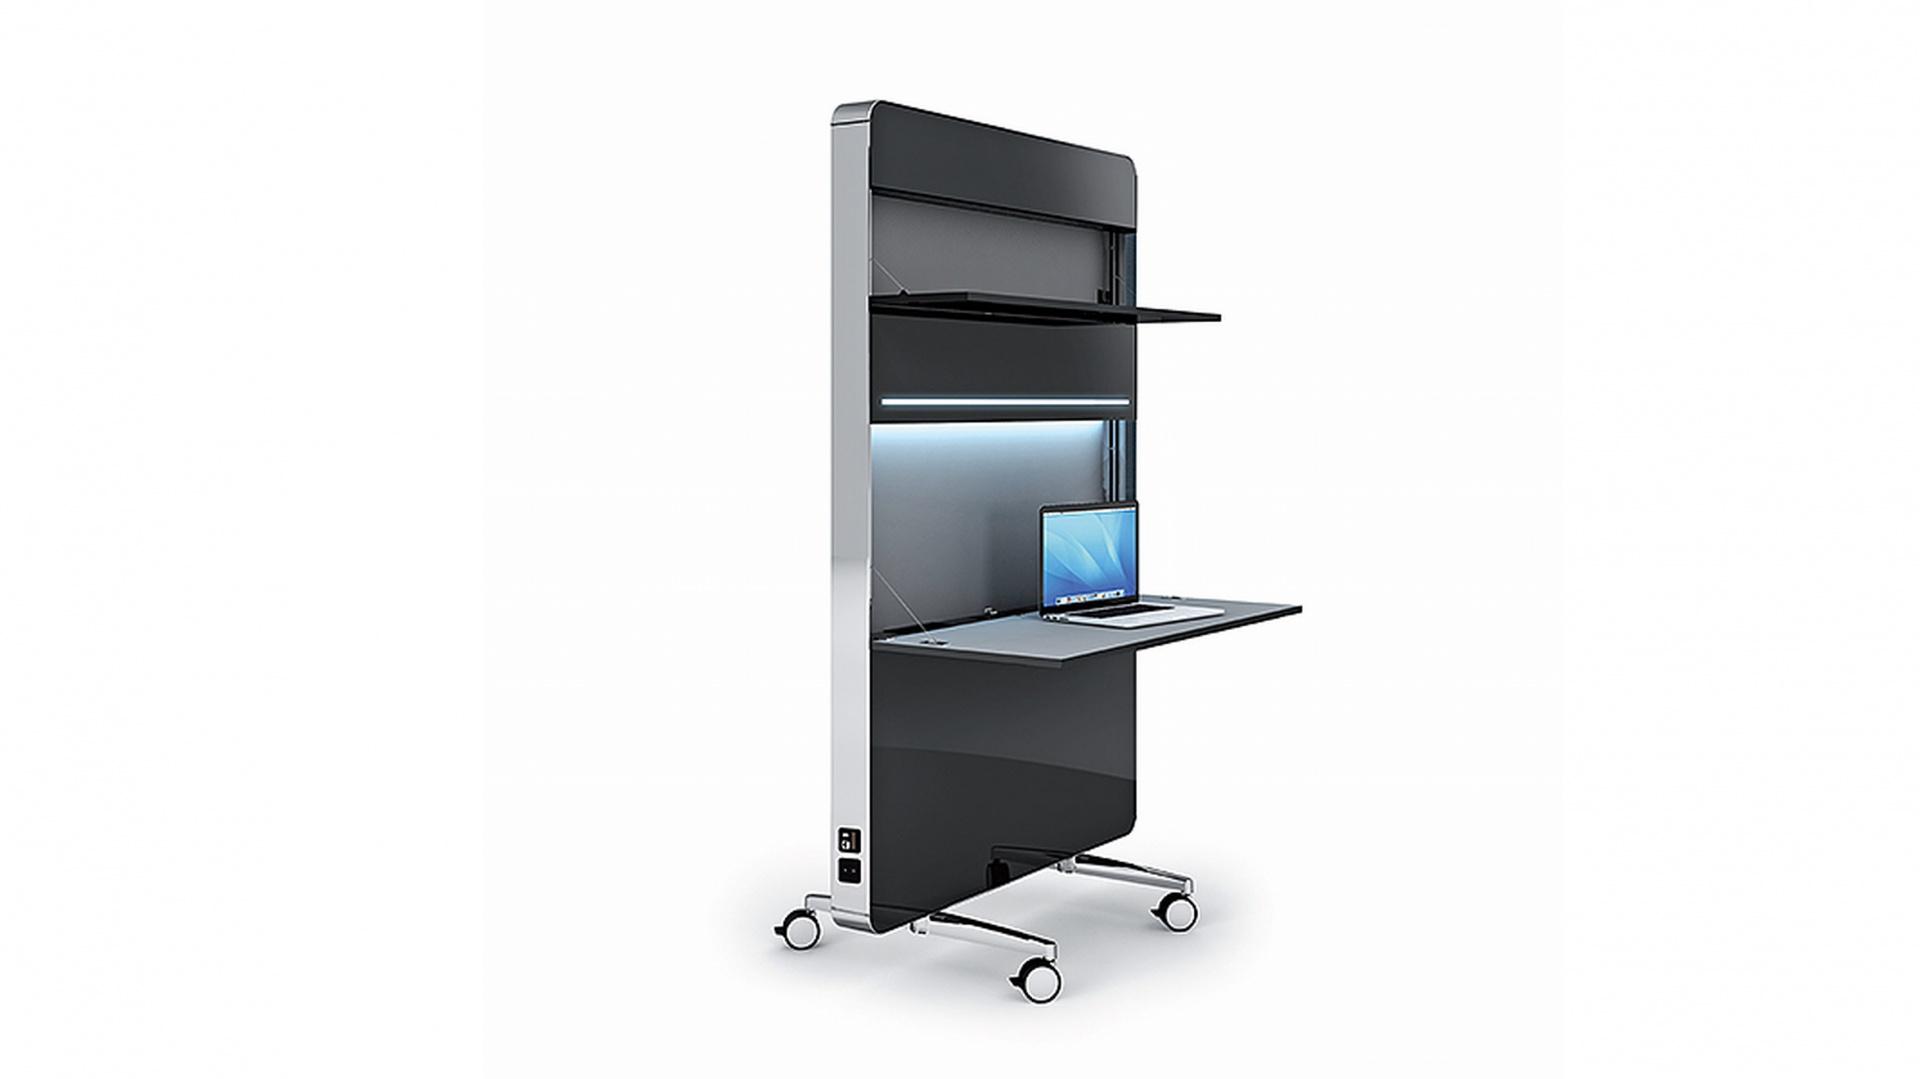 Mobilne e-stanowisko pracy Nomado, zaprojektowane przez Martina Ballendata dla firmy Mobica. Fot. GDA